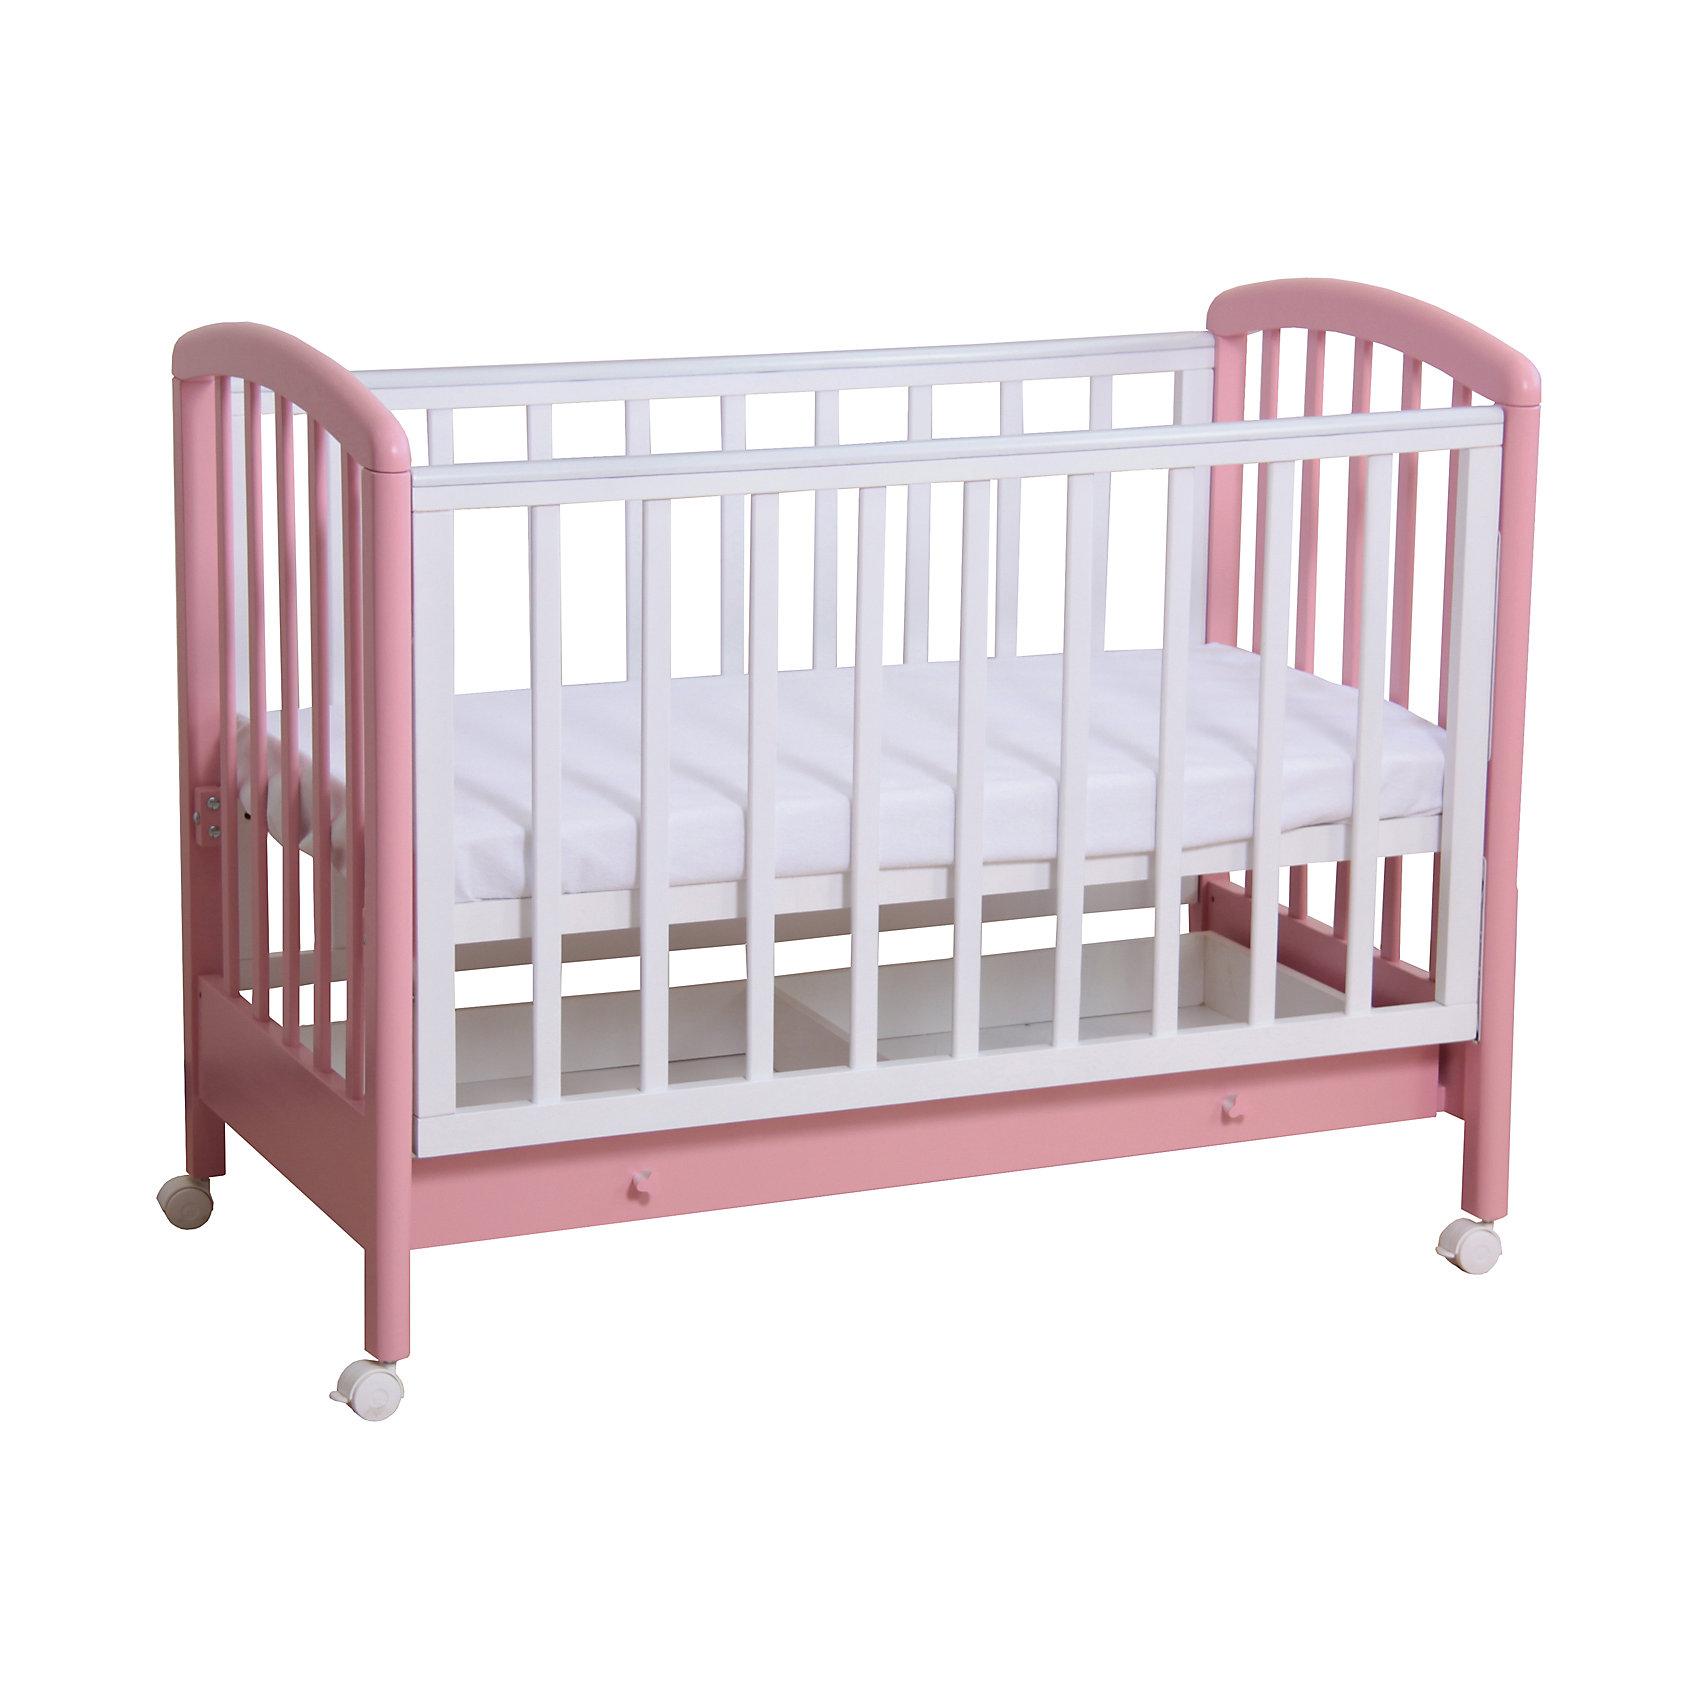 Кроватка 600, выдвижной ящик, Фея, белый-розовыйКроватки<br>Правильная детская мебель всегда отличается от взрослой, так как производится с учетом потребностей малышей. Данная кроватка обеспечит удобство и ребенку и маме - она имеет удобный механизм опускания передней планки и колесики, с помощью которых кроватку можно перемещать.<br>В этой модели также есть удобный ящик. Кроватка сделана из качественного дерева, покрытого лаком. Цвет - приятный и оригинальный, подойдет практически для любого интерьера. Все материалы тщательно подобраны специалистами и безопасны для детей.<br><br>Дополнительная информация:<br><br>цвет: белый-розовый;<br>материал: береза, лак;<br>передняя планка удобно опускается;<br>выдвижной ящик;<br>ложе имеет 2 положения;<br>колёсики;<br>накладки ПВХ;<br>ортопедической основание;<br>размер:  128 х 70 х 103 см ;<br>ложе: 60 на 120 см;<br>вес: 28 кг.<br><br>Кроватку 600 торговой марки Фея можно купить в нашем магазине.<br><br>Ширина мм: 1280<br>Глубина мм: 696<br>Высота мм: 1030<br>Вес г: 28150<br>Возраст от месяцев: 0<br>Возраст до месяцев: 36<br>Пол: Женский<br>Возраст: Детский<br>SKU: 4873619